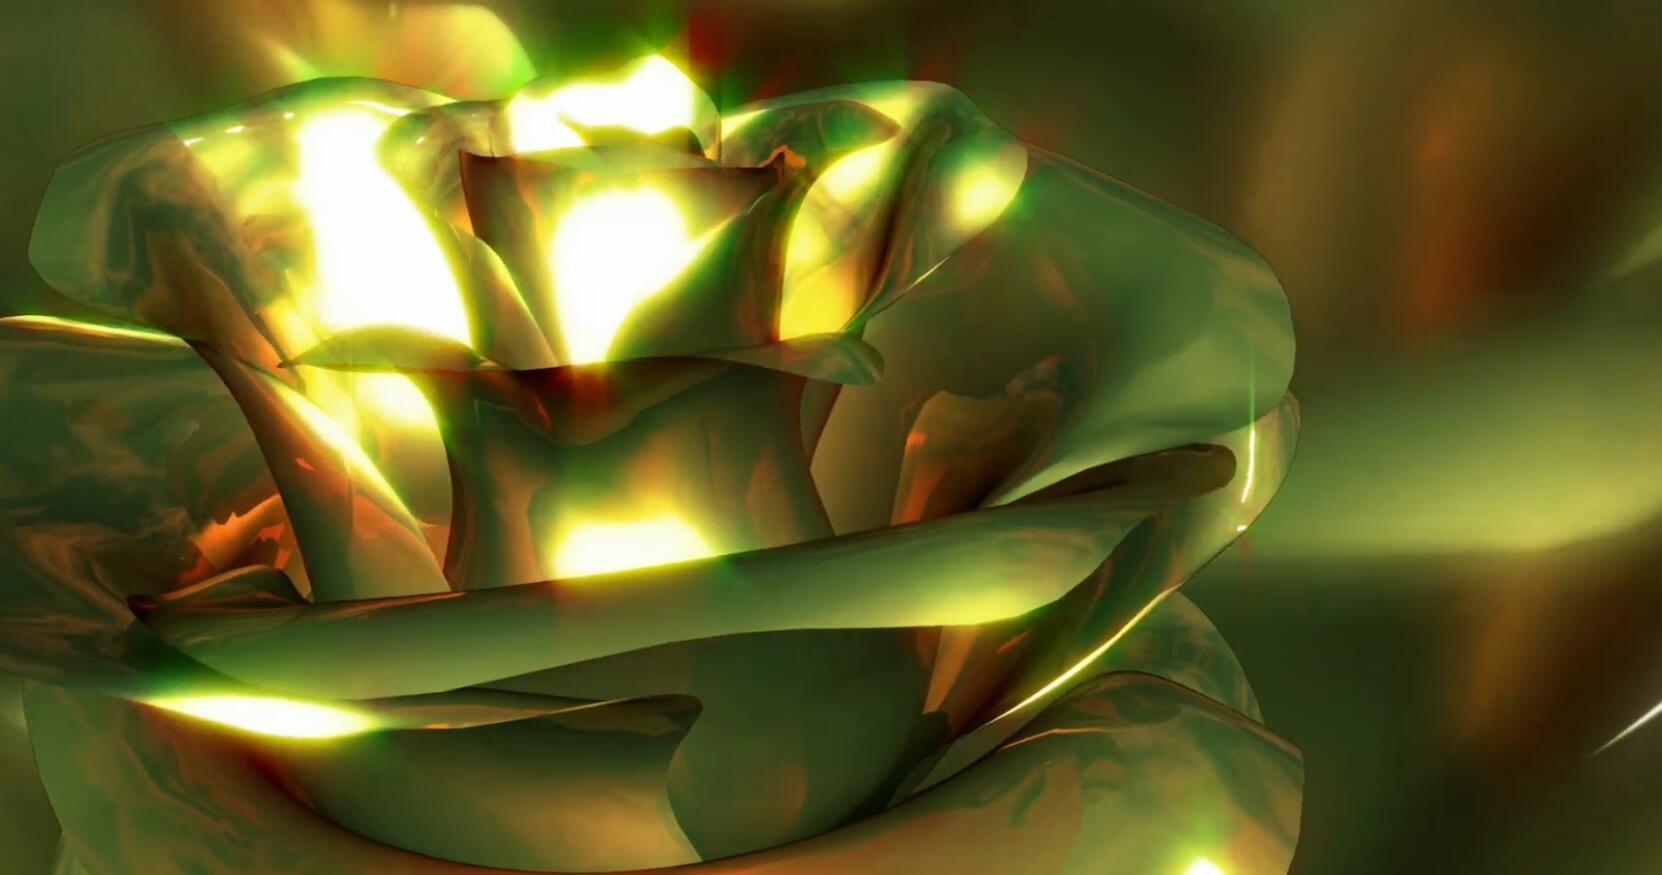 旋转的金色花朵